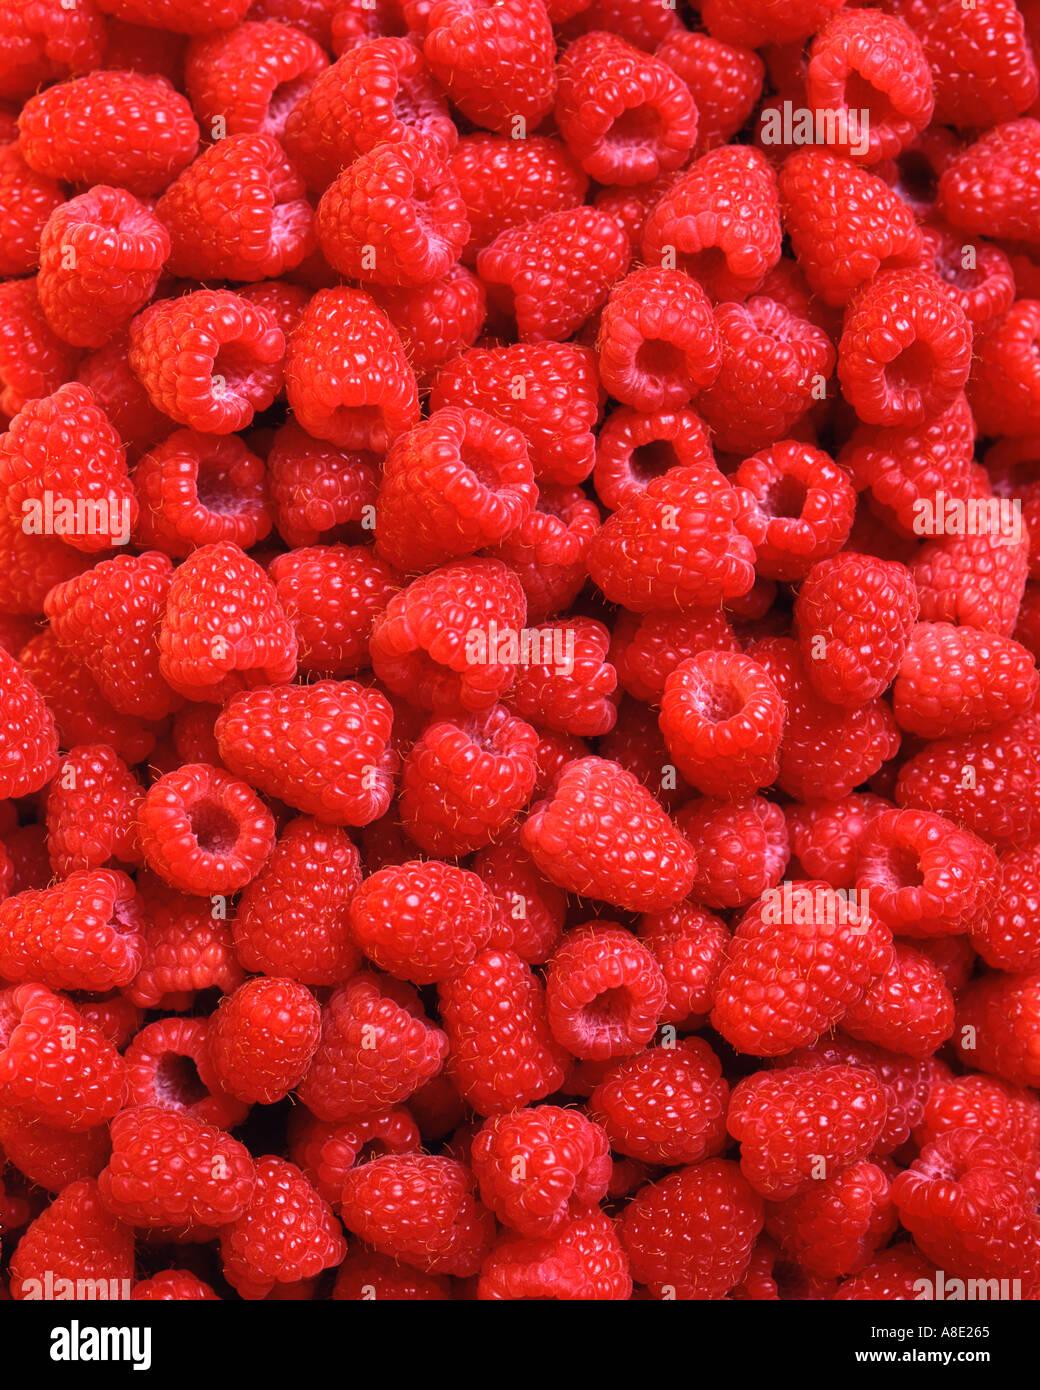 Hintergrund der frischen roten Himbeeren Stockbild